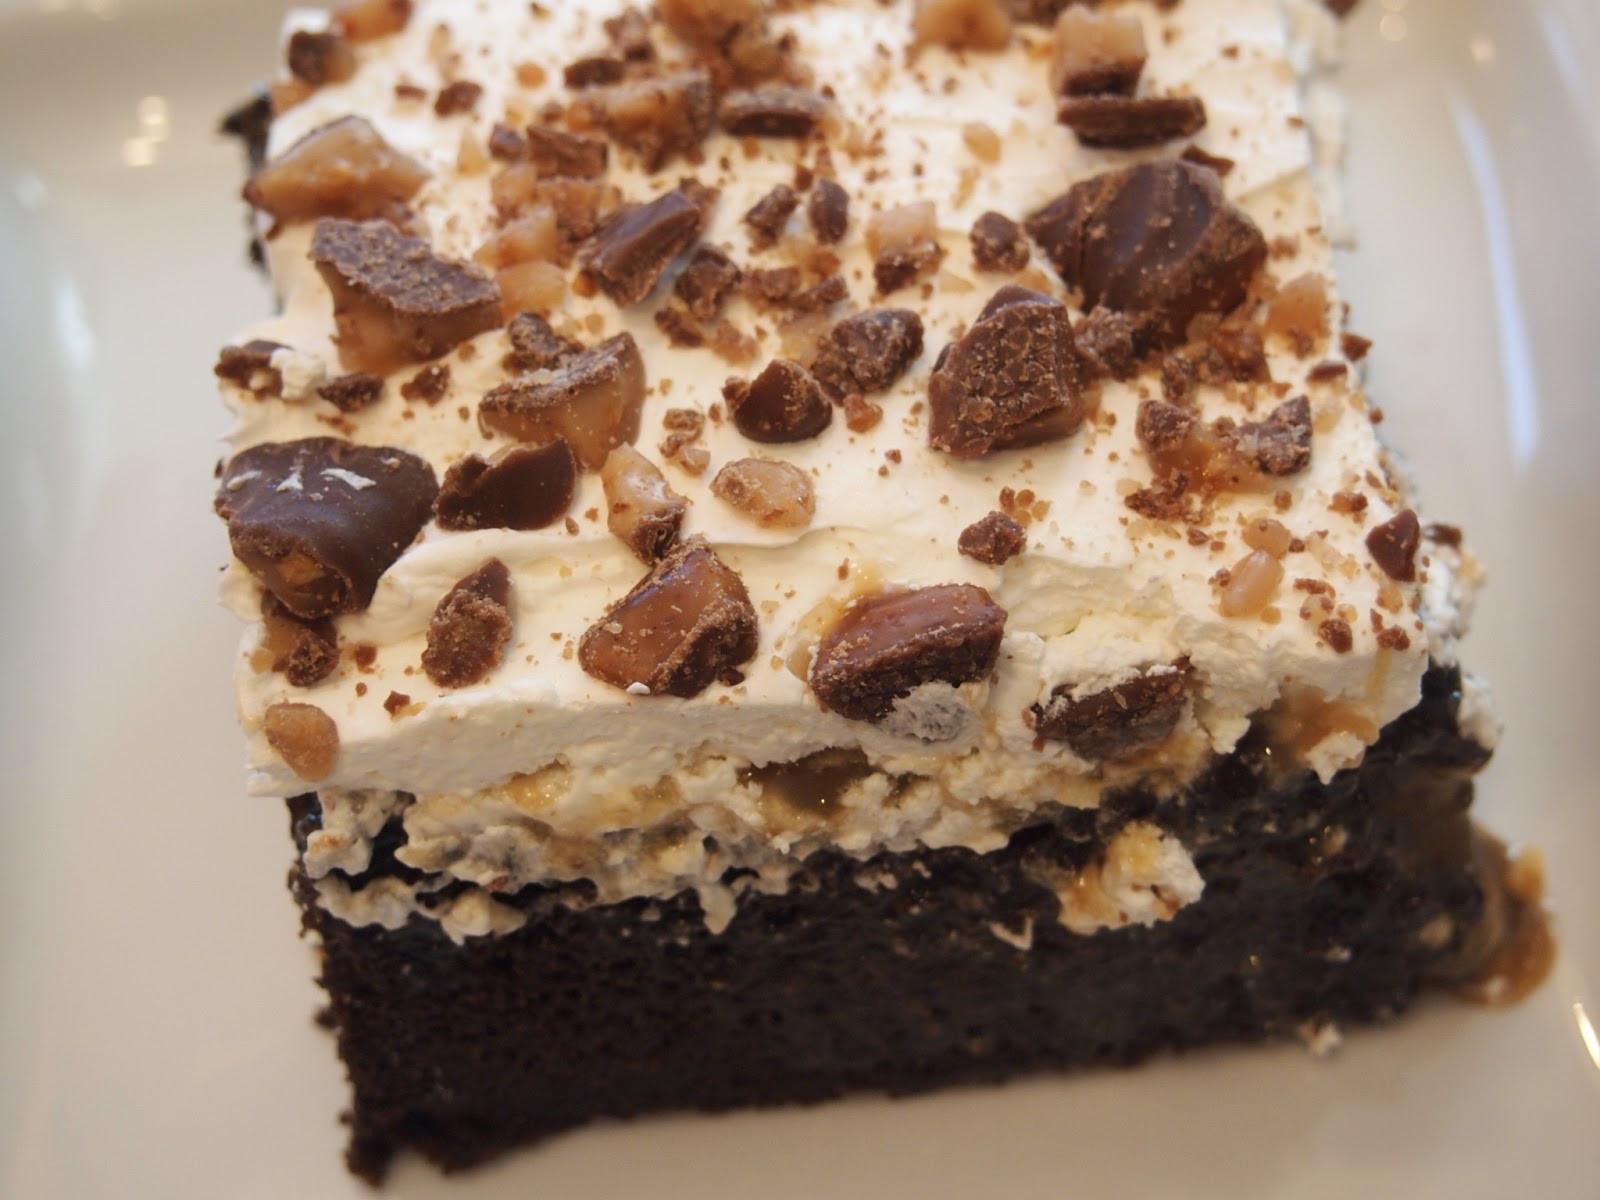 Gluten And Dairy Free Dessert Recipes  Gluten Free Desserts made Delicious Gluten Free Better